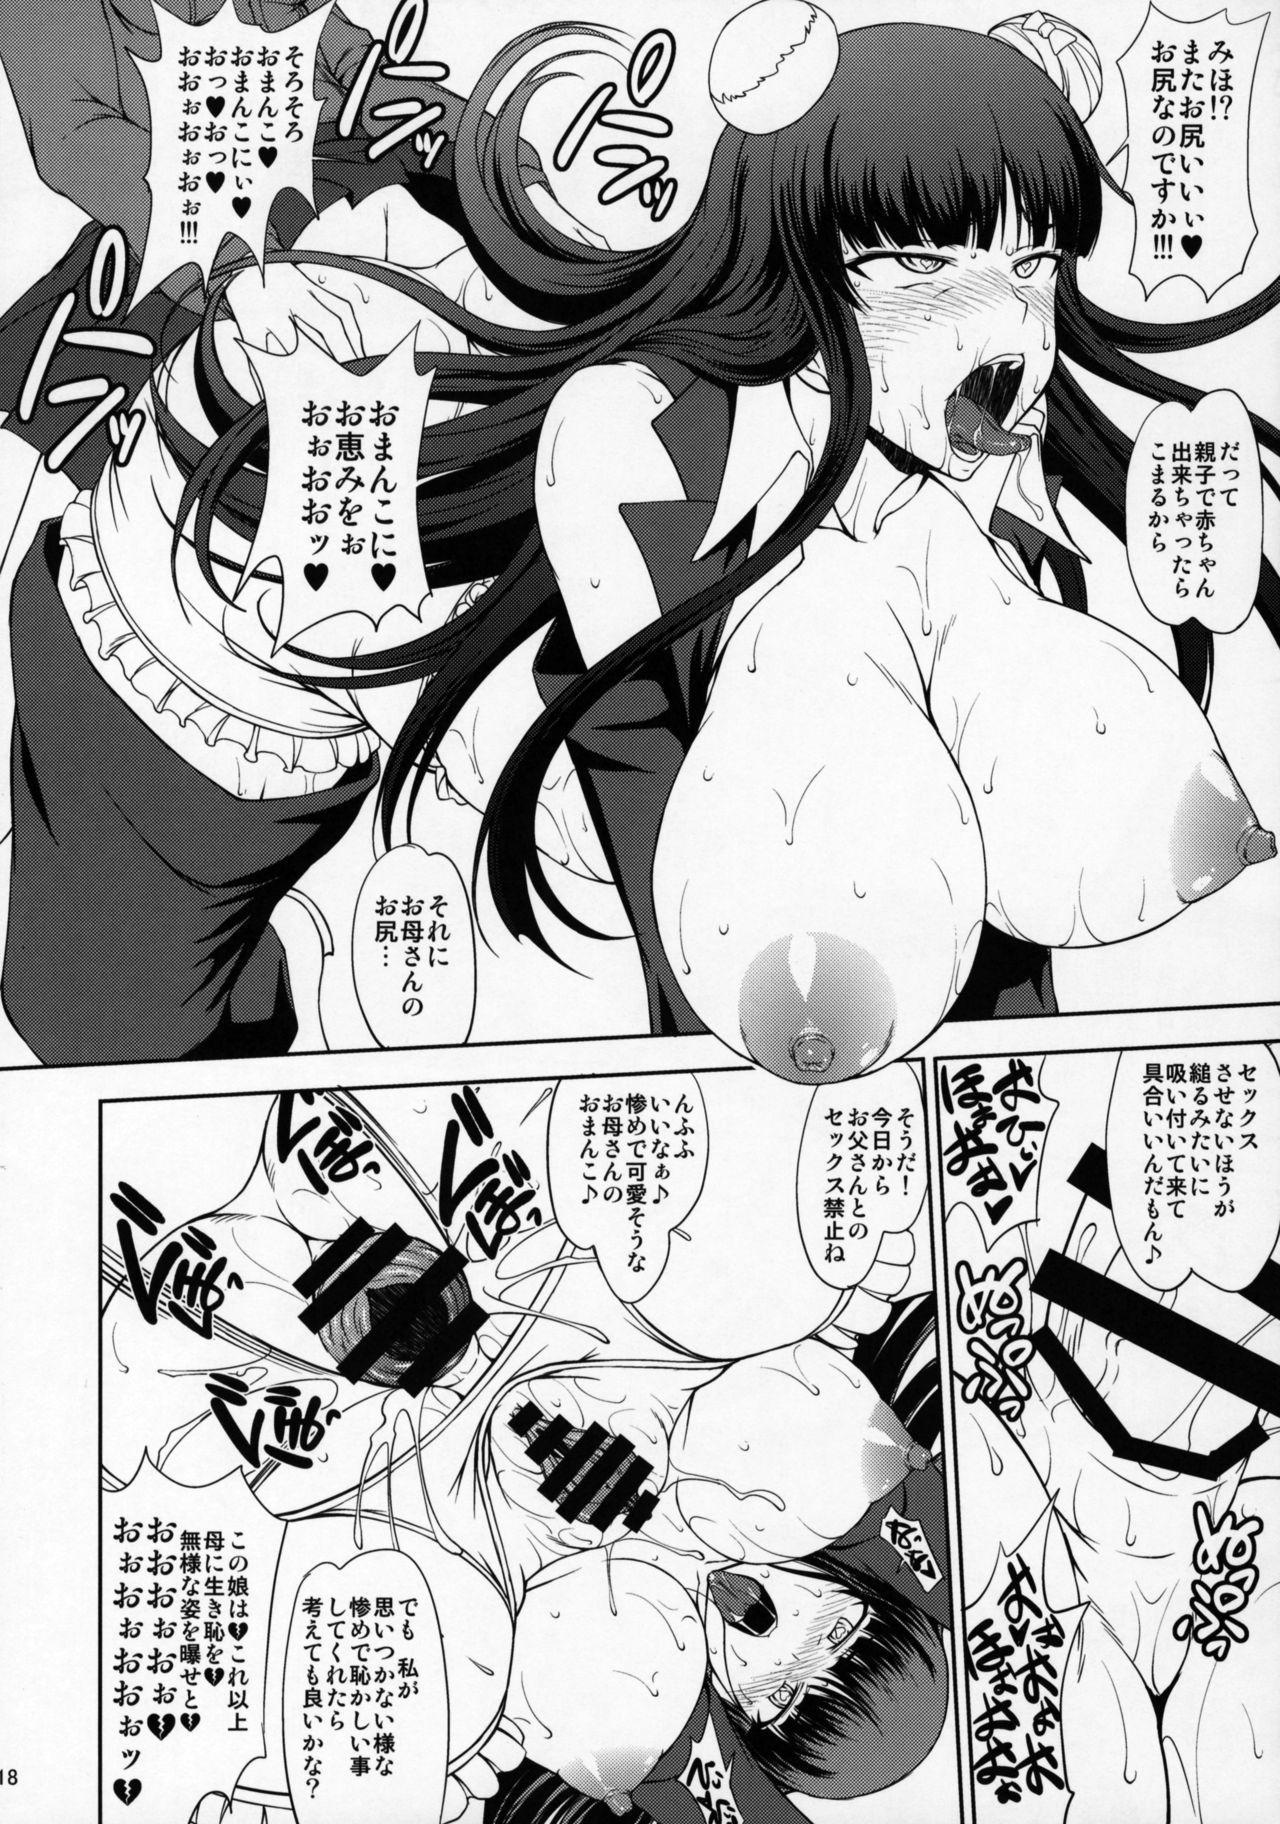 Maware! Amaki Sasayaki No Mugen Kidou 16